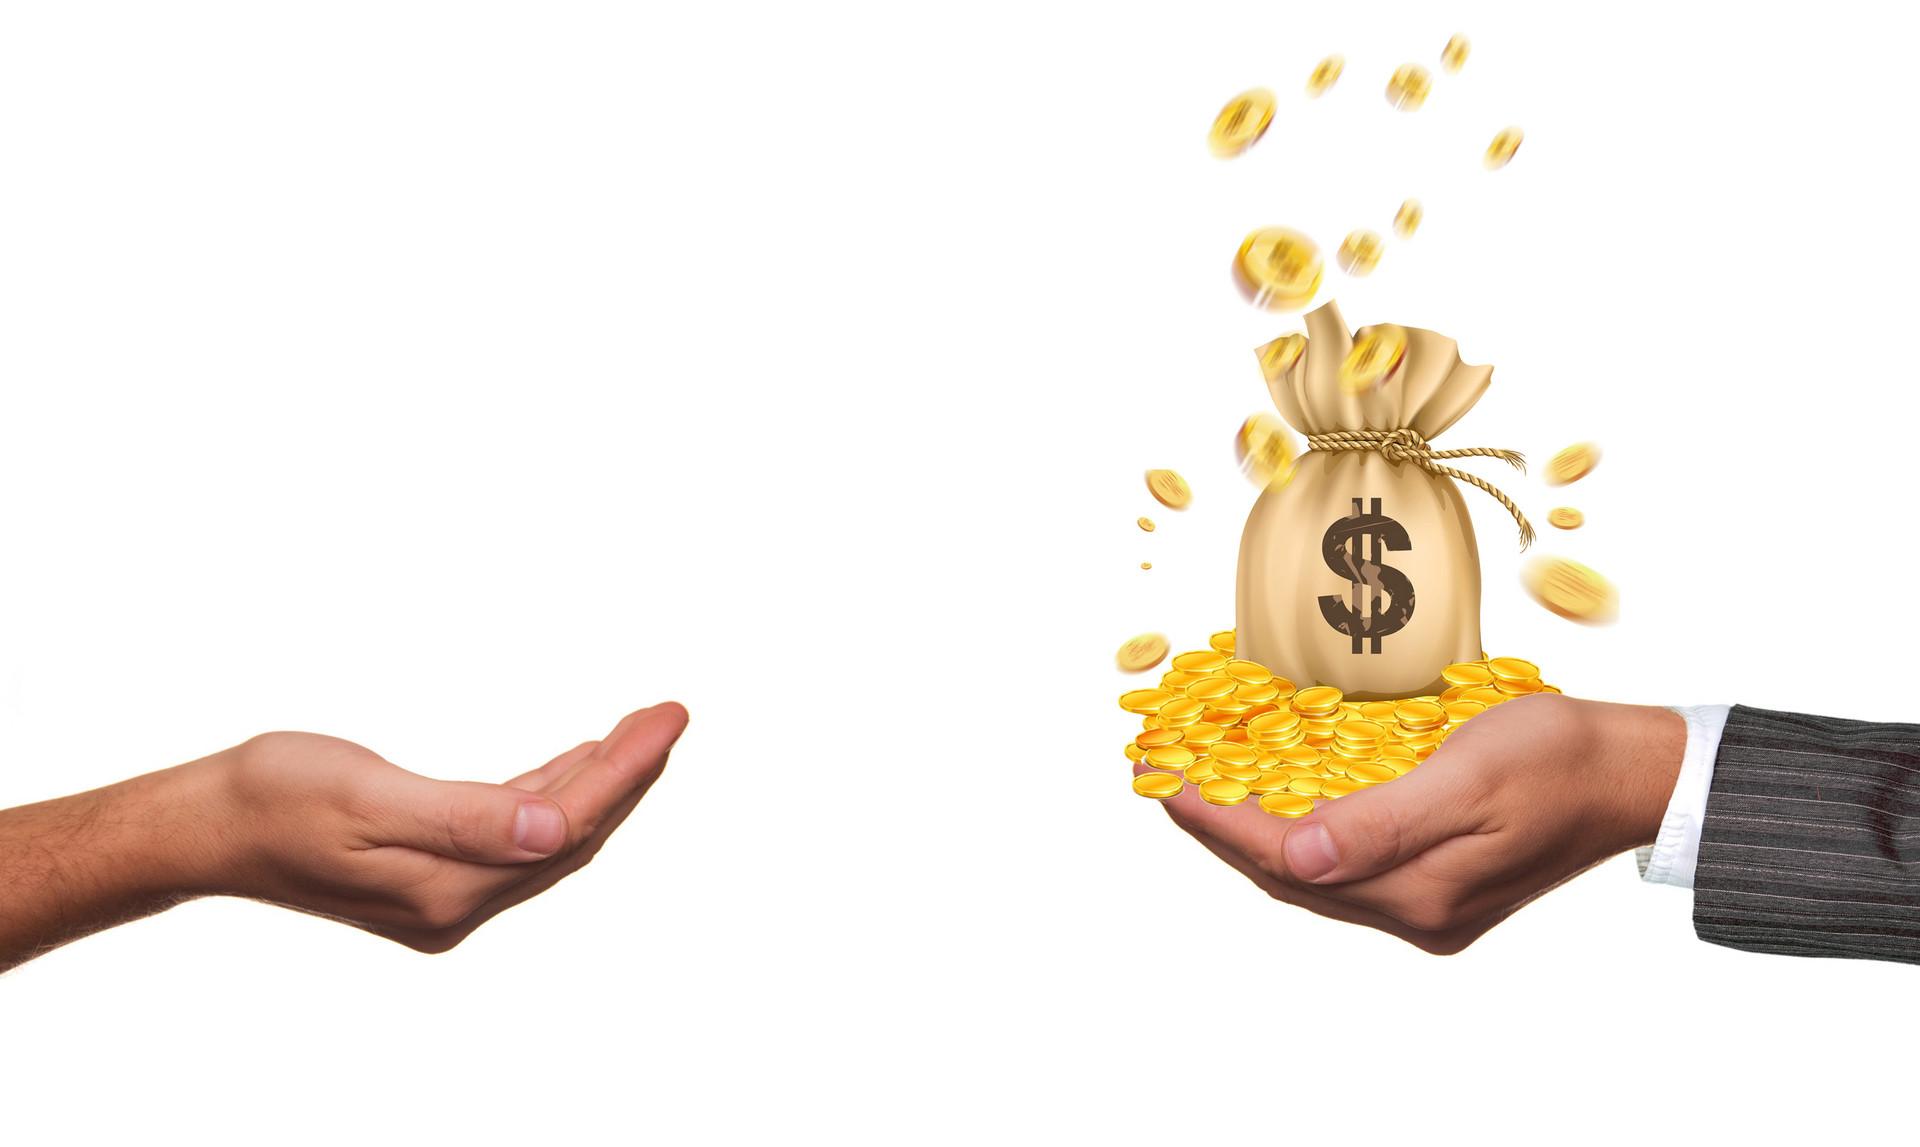 深圳薪资代发应该怎么筛选到可靠的?必须要关注这三点